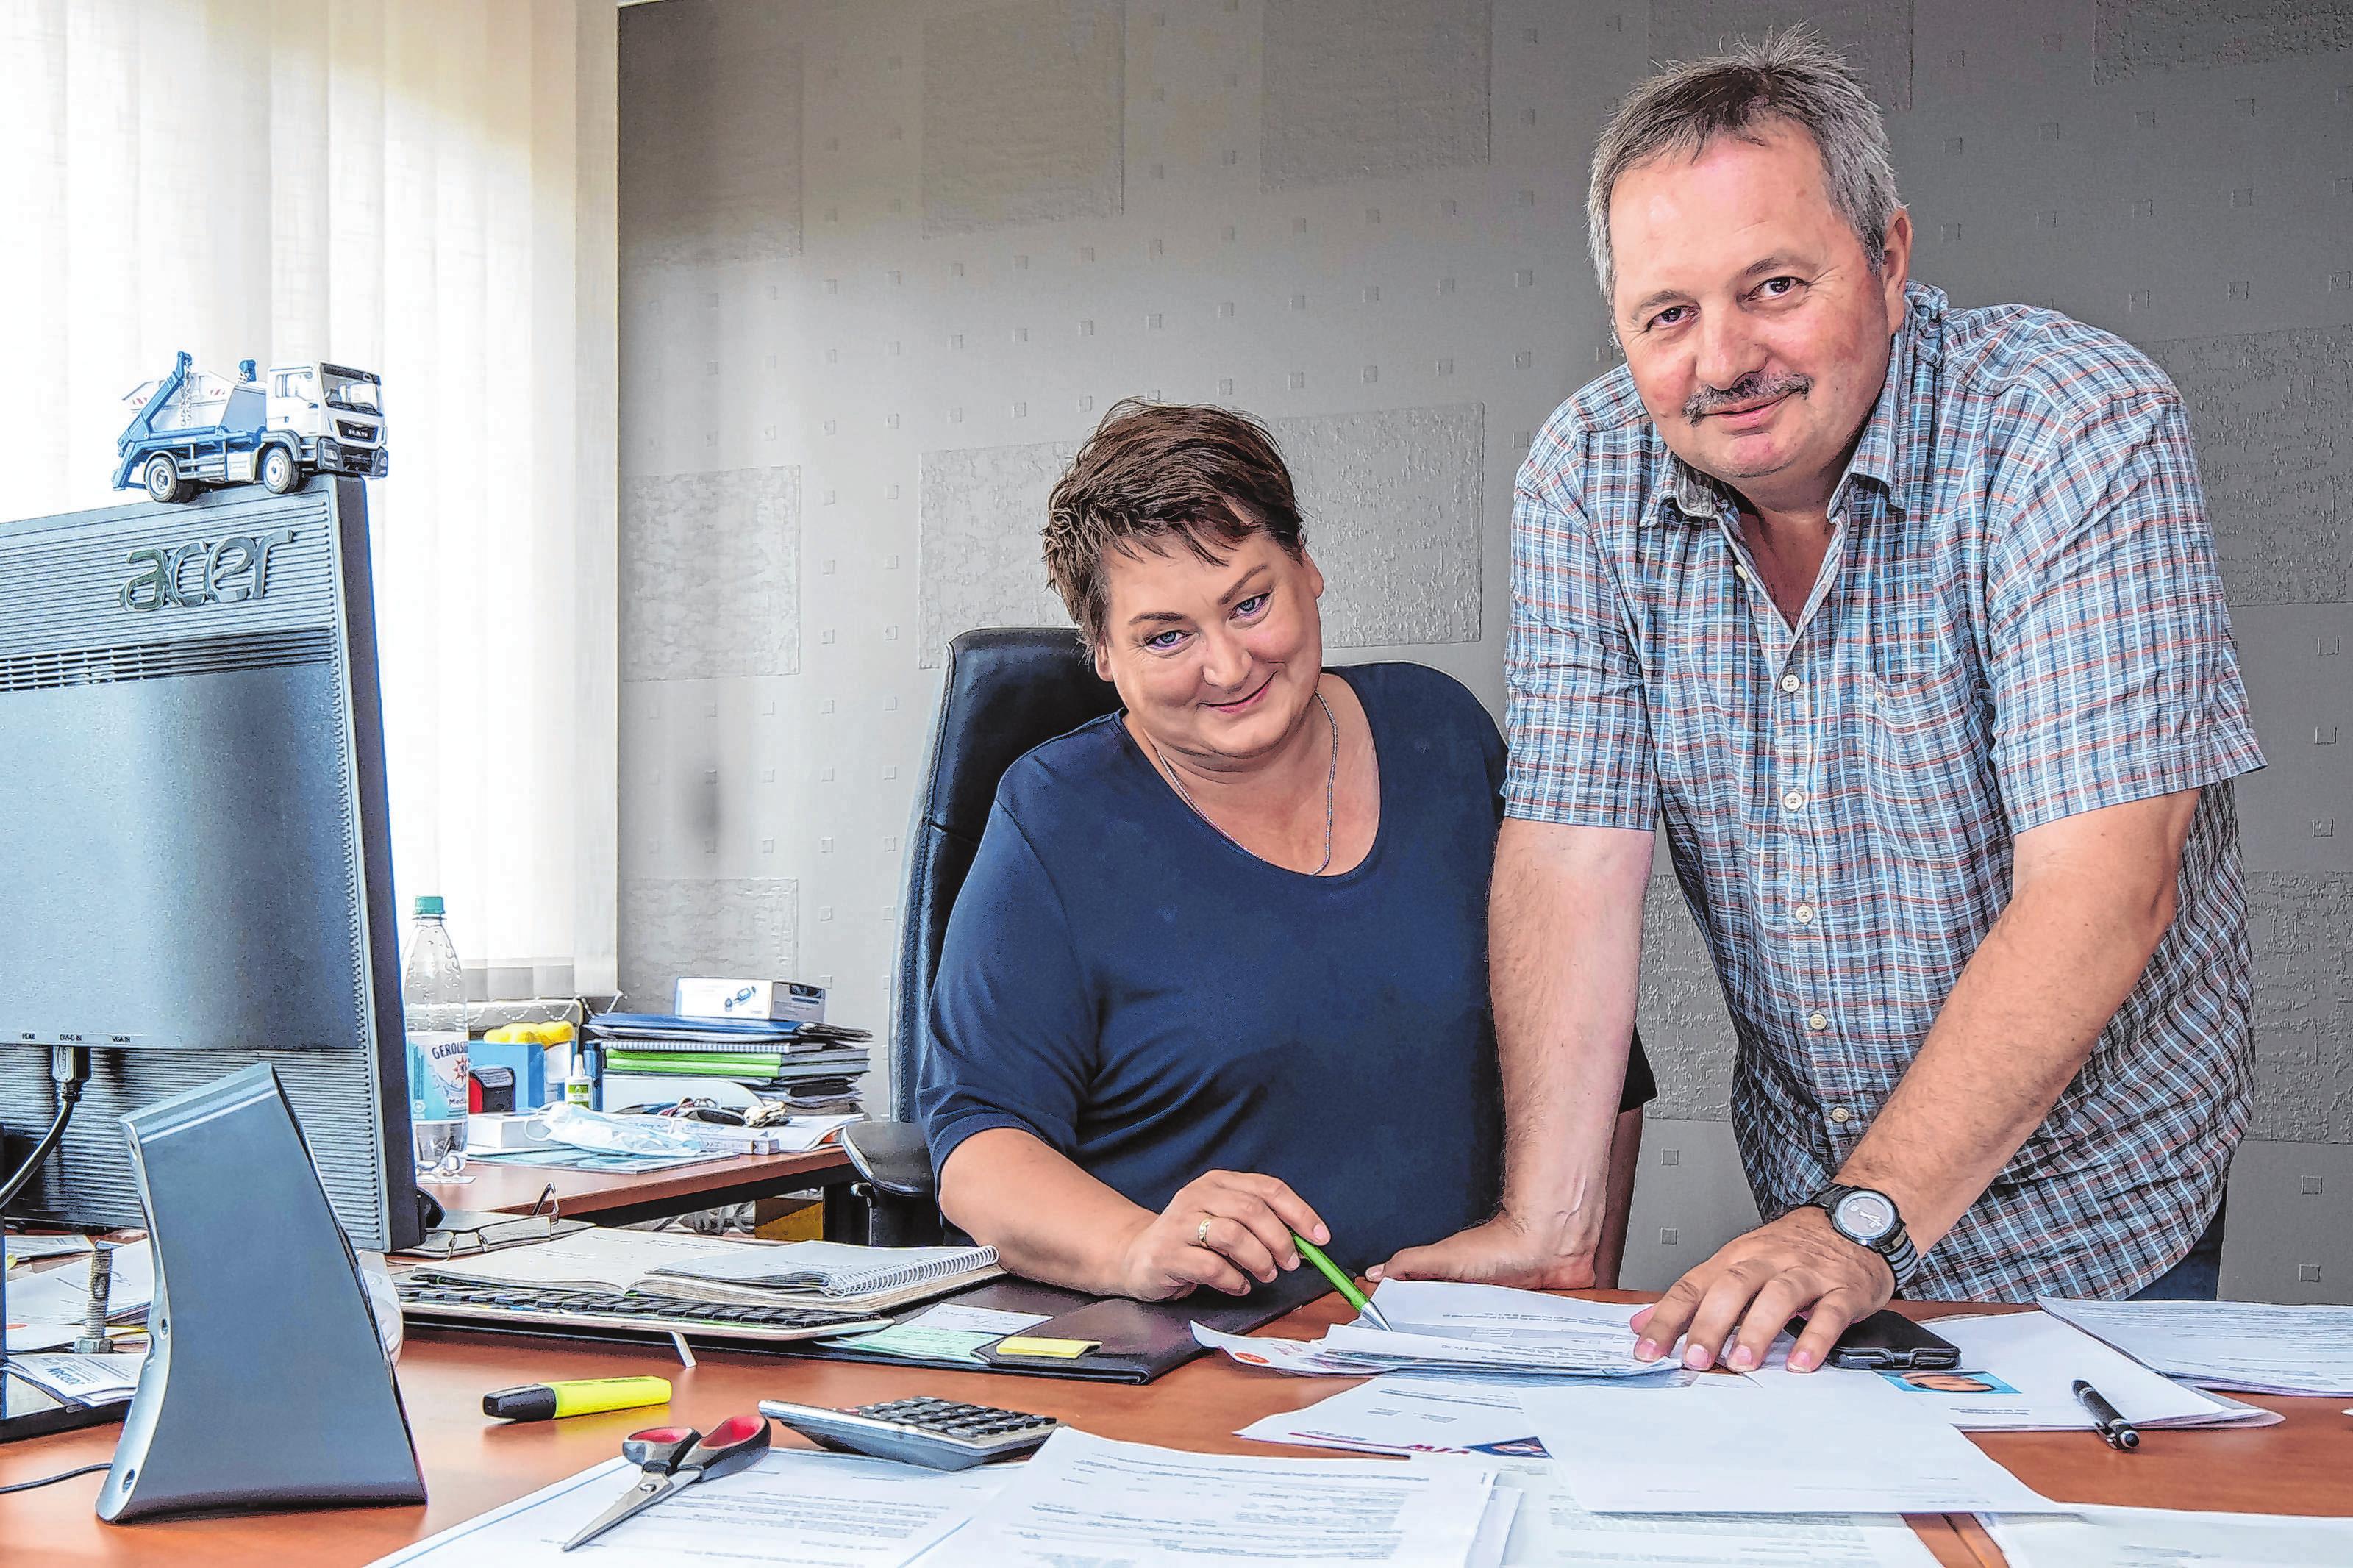 Ein Team beruflich wie privat: Ariane und Michael Jordan vom gleichnamigen Containerdienst meistern im Alltag mit einem Lächeln jede Herausforderung.